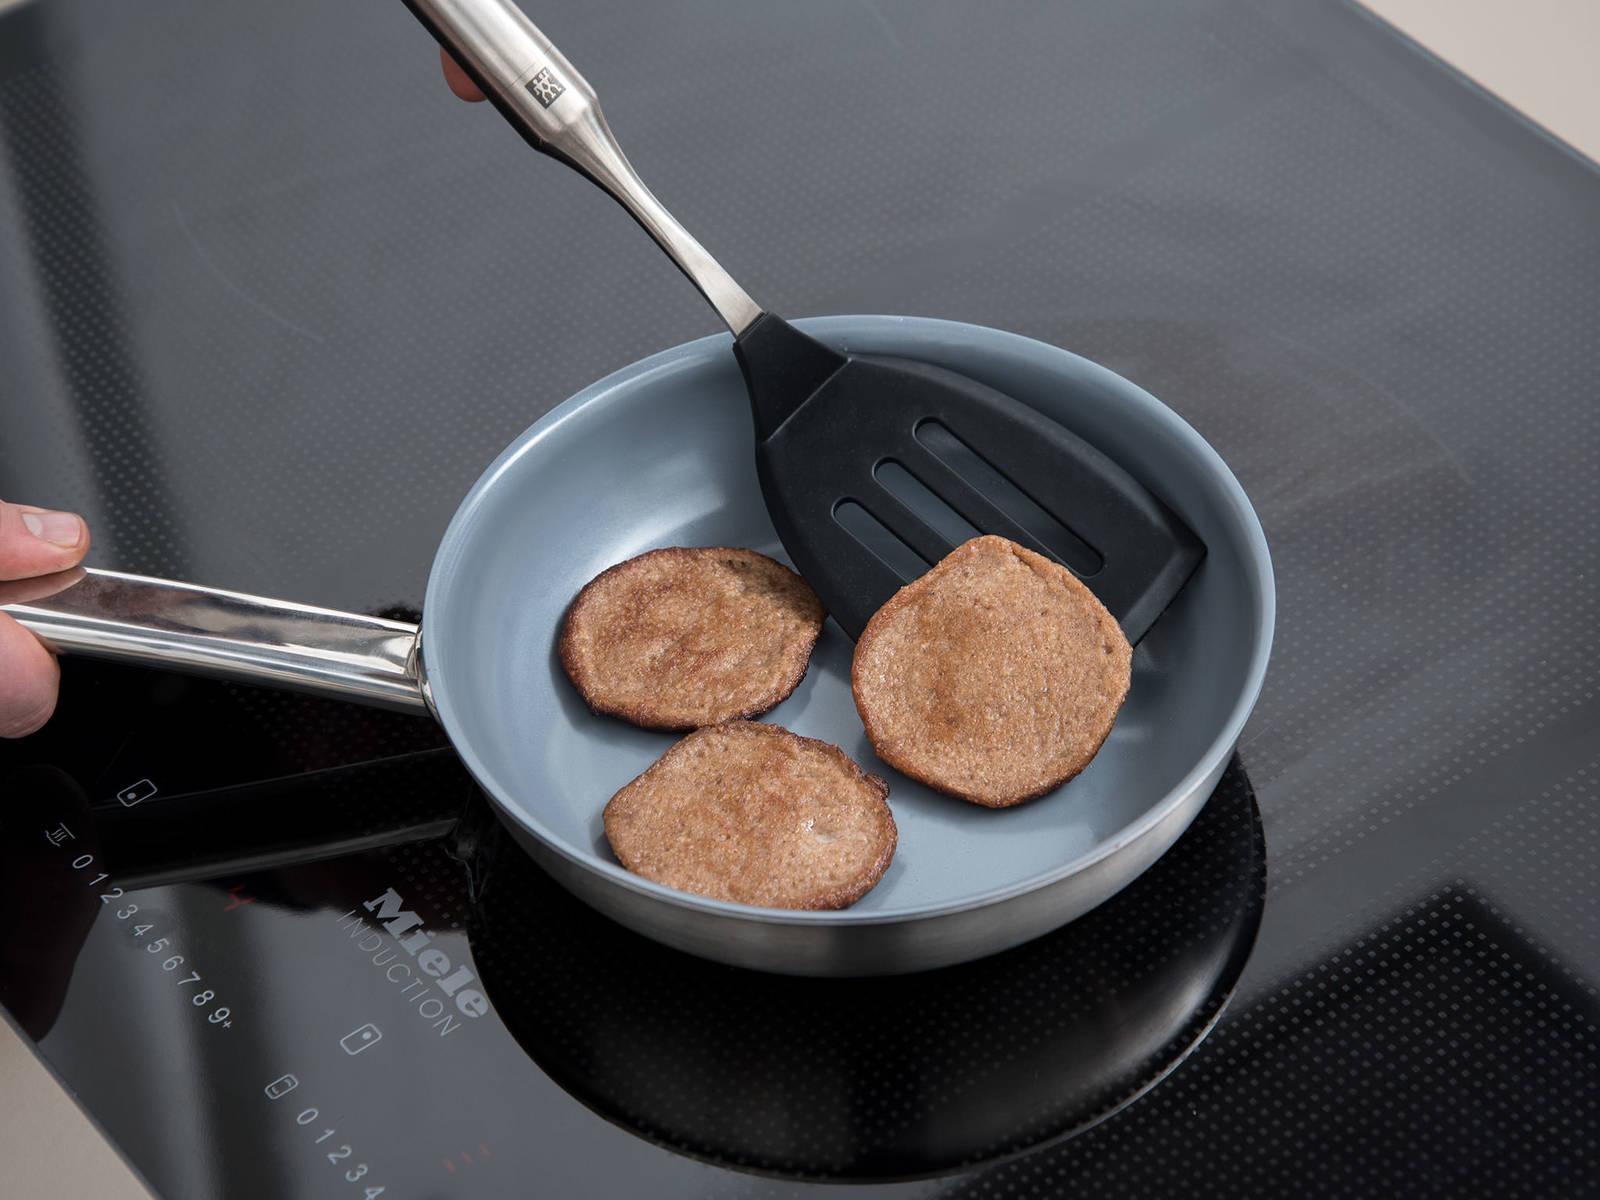 Eine Pfanne über mittlerer Hitze erwärmen. Für jeden Pancake etwa 2 Teelöffel Teig in die Pfanne geben, kreisförmig verstreichen und ca. 2 Min. braten, oder bis die Pancakes goldbraun sind. Mit einem Pfannenwender umdrehen und von der anderen Seite nochmal ca. 2 Min. anbraten. Warm mit Ahornsirup, Bananenscheiben und gerösteten Mandeln servieren. Guten Appetit!